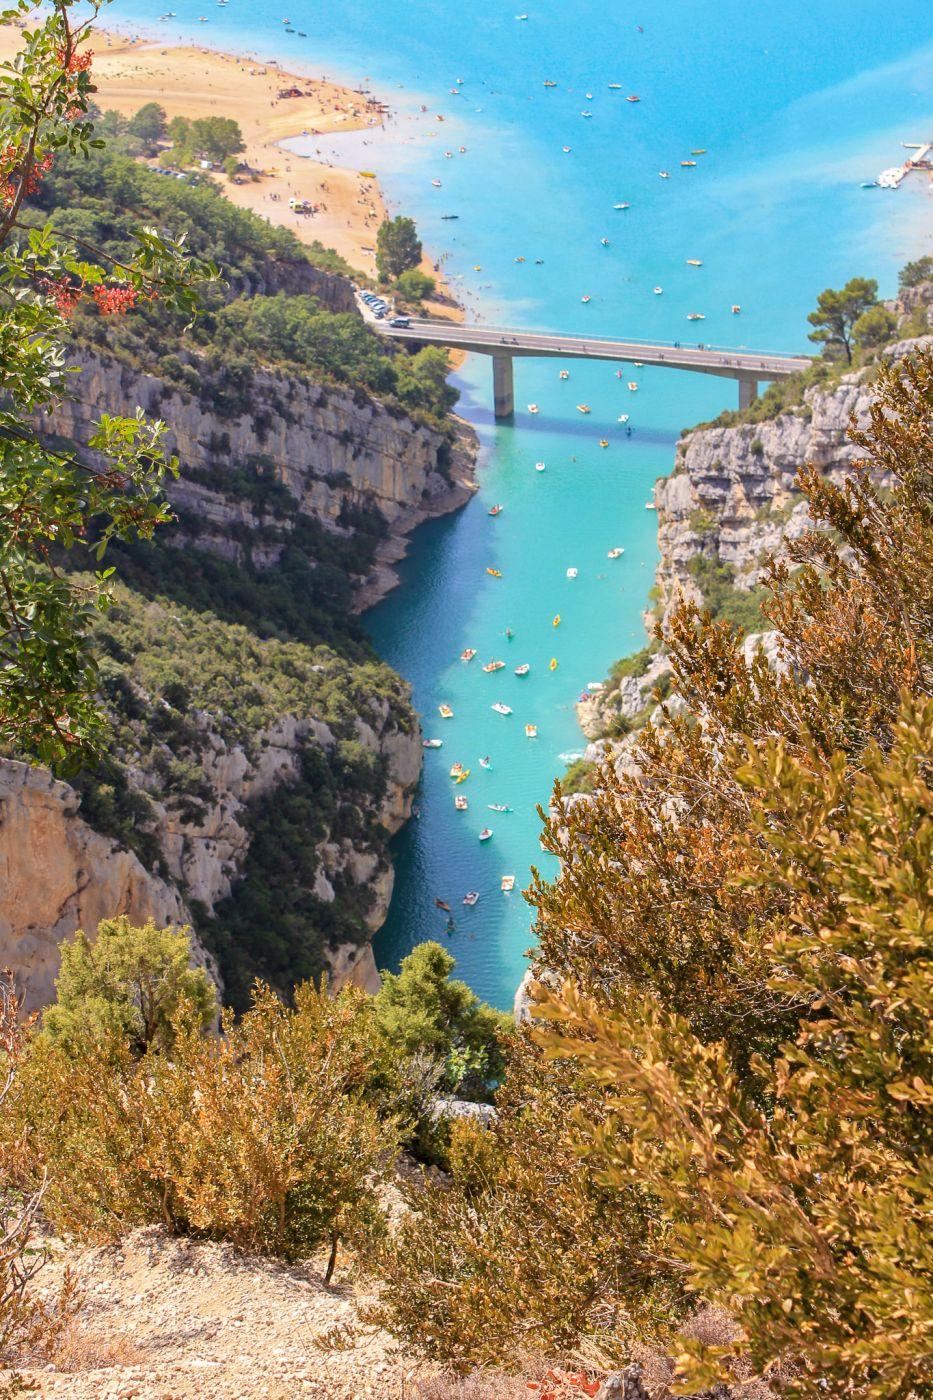 Grand canyon du verdon france - Location gorge du verdon avec piscine ...